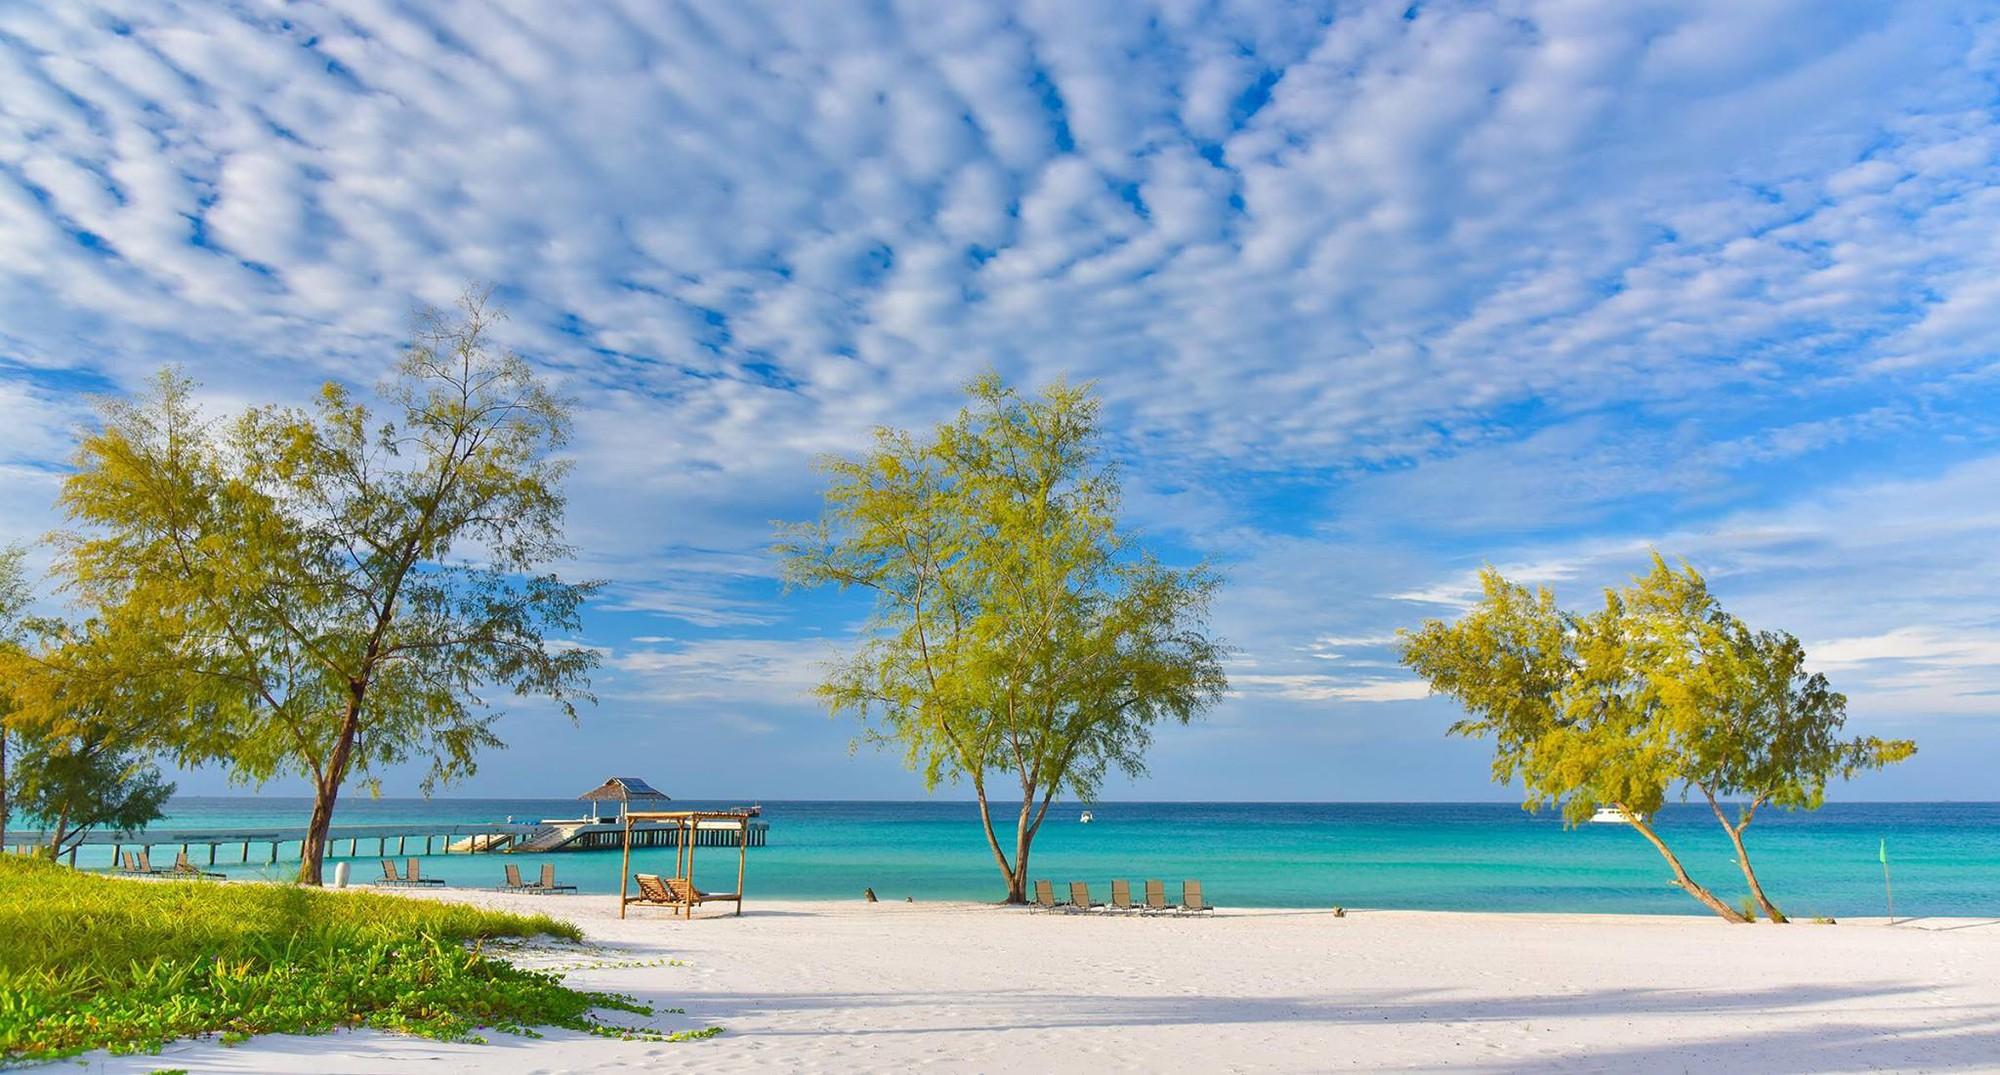 Những hòn đảo thiên đường ở Campuchia dành cho du khách Việt - Ảnh 6.